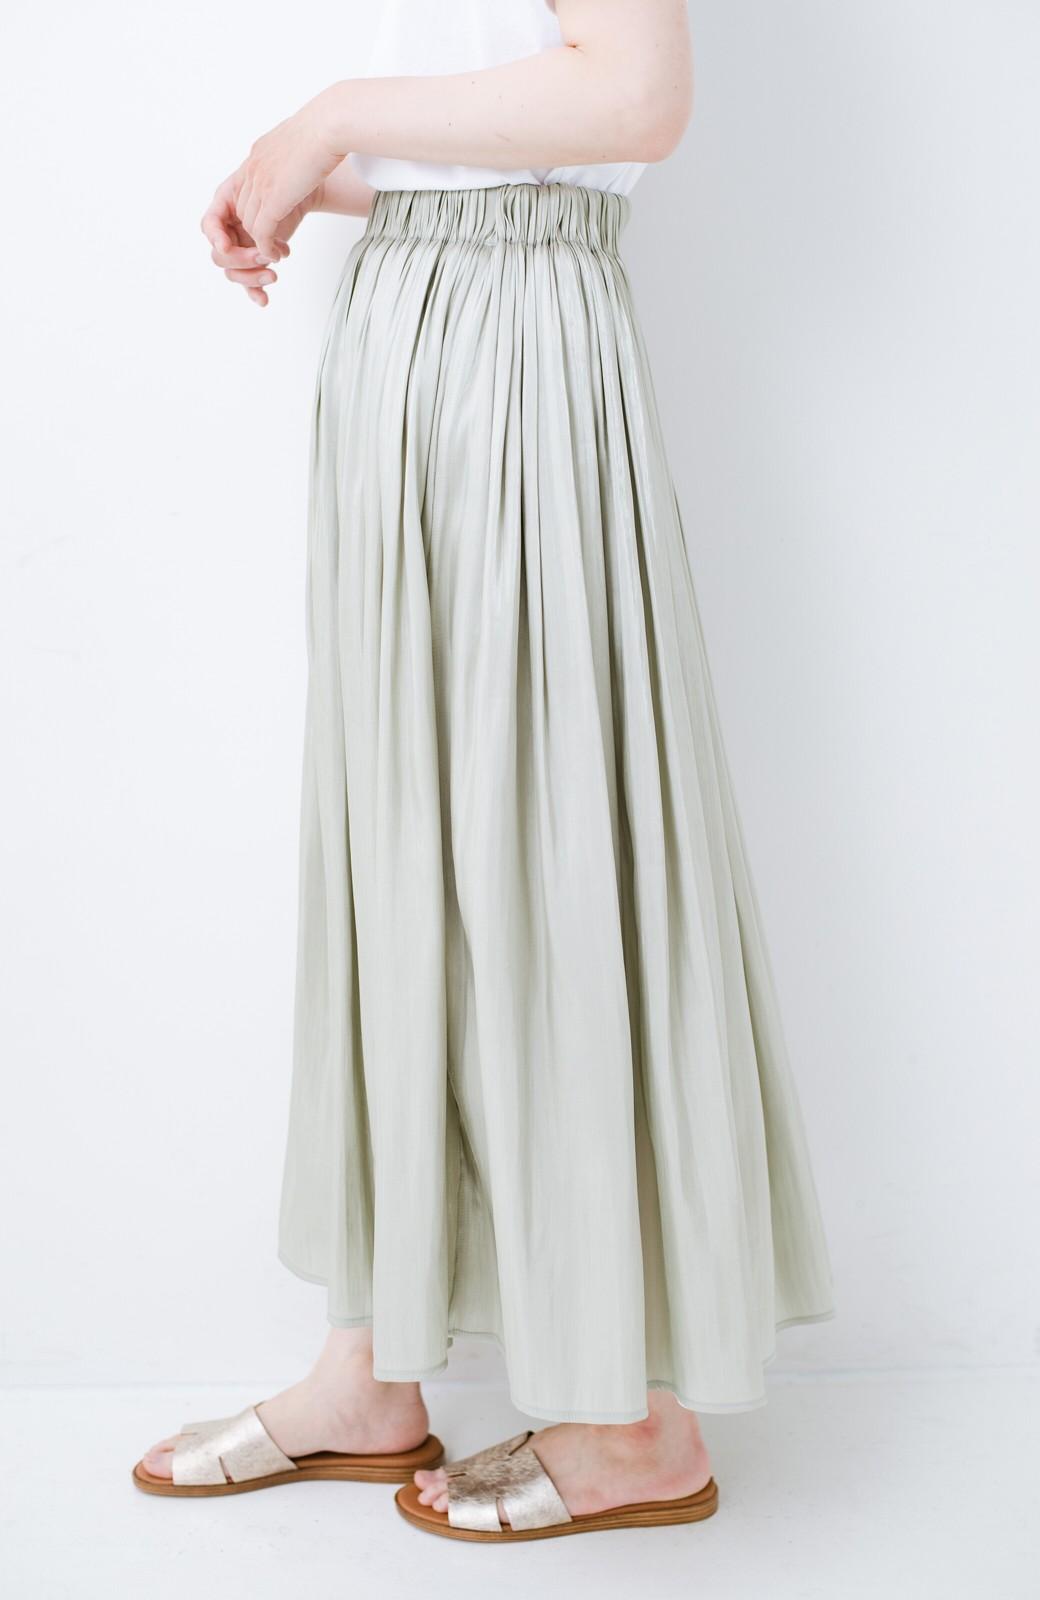 haco! 【再入荷】1枚でも重ね着にも便利なキラキラ素材がかわいいロングスカート by laulea <グリーン>の商品写真3